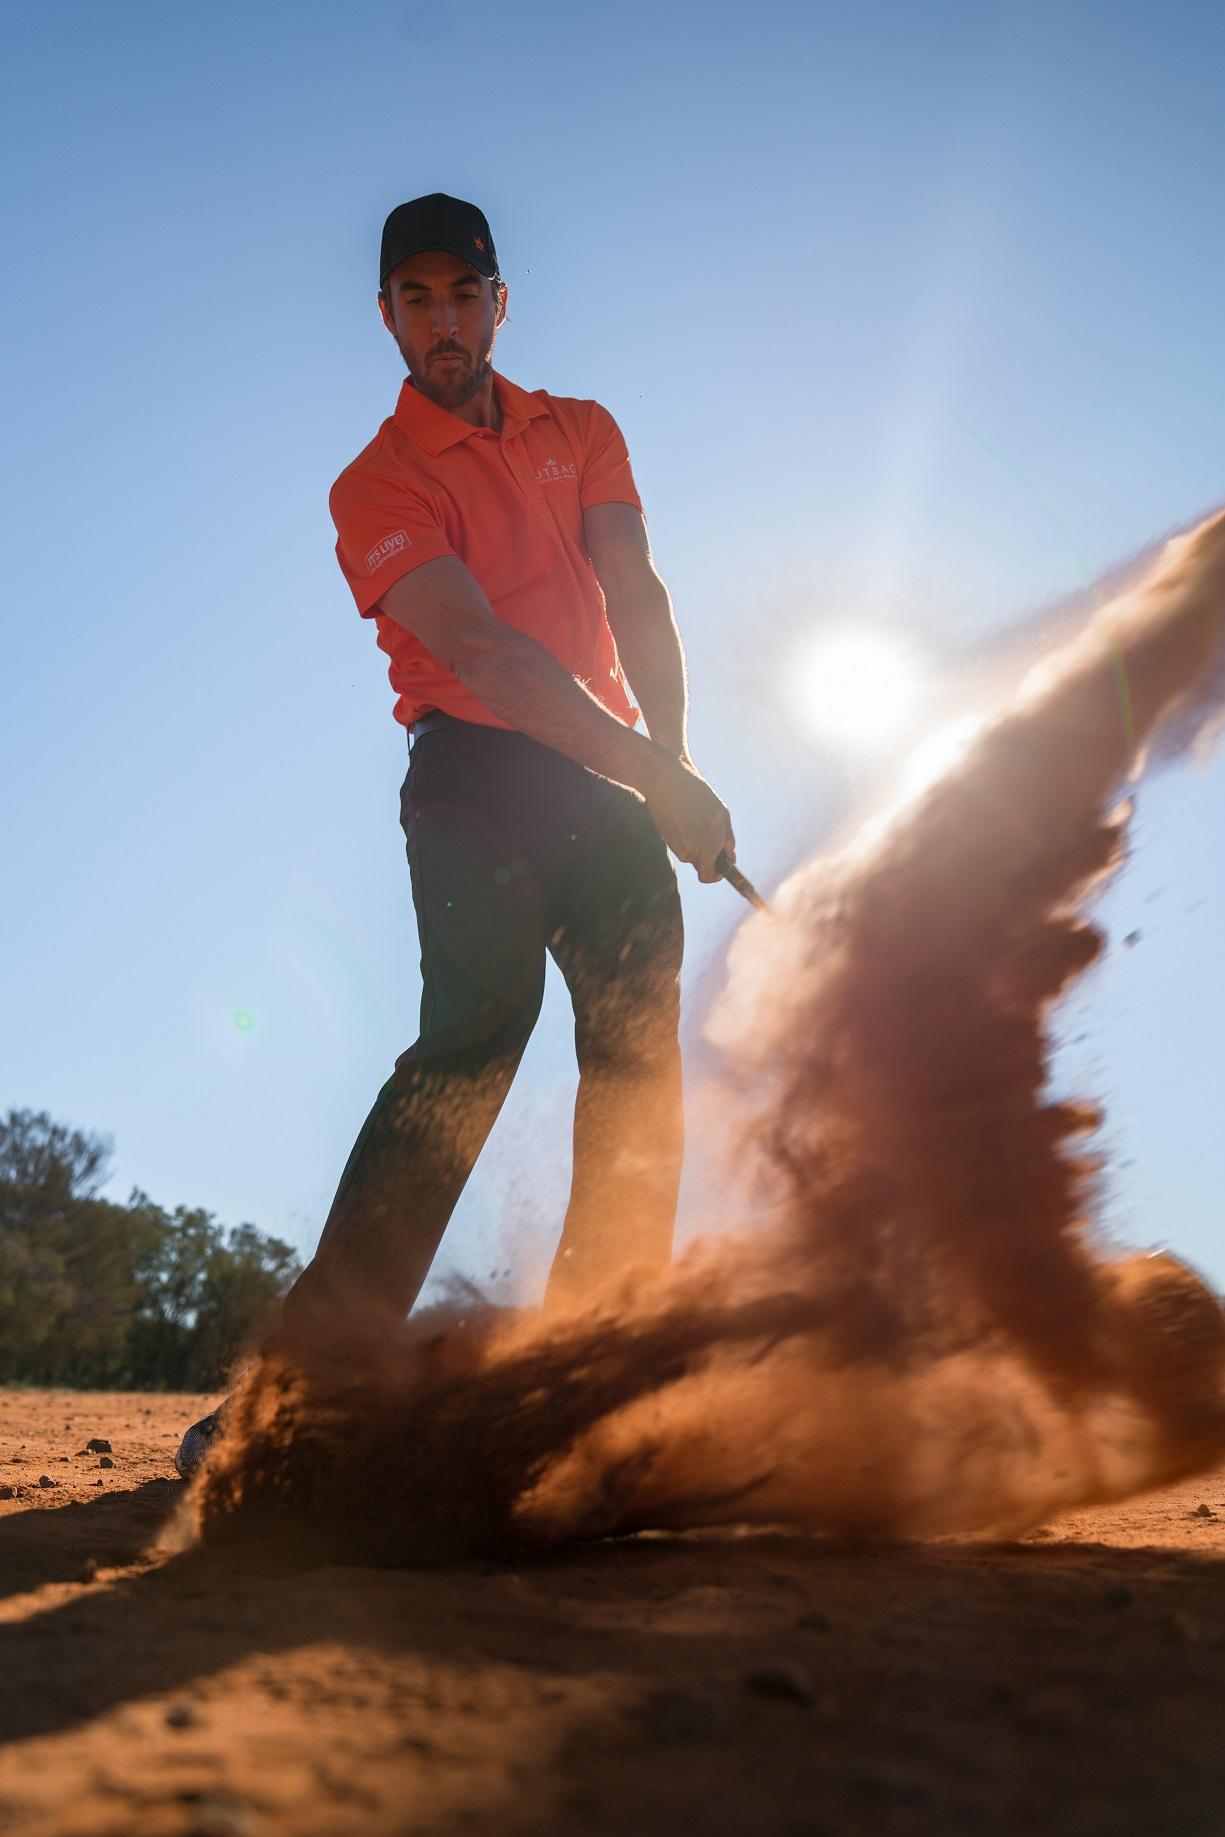 Charleville-hit-ball-in-desert